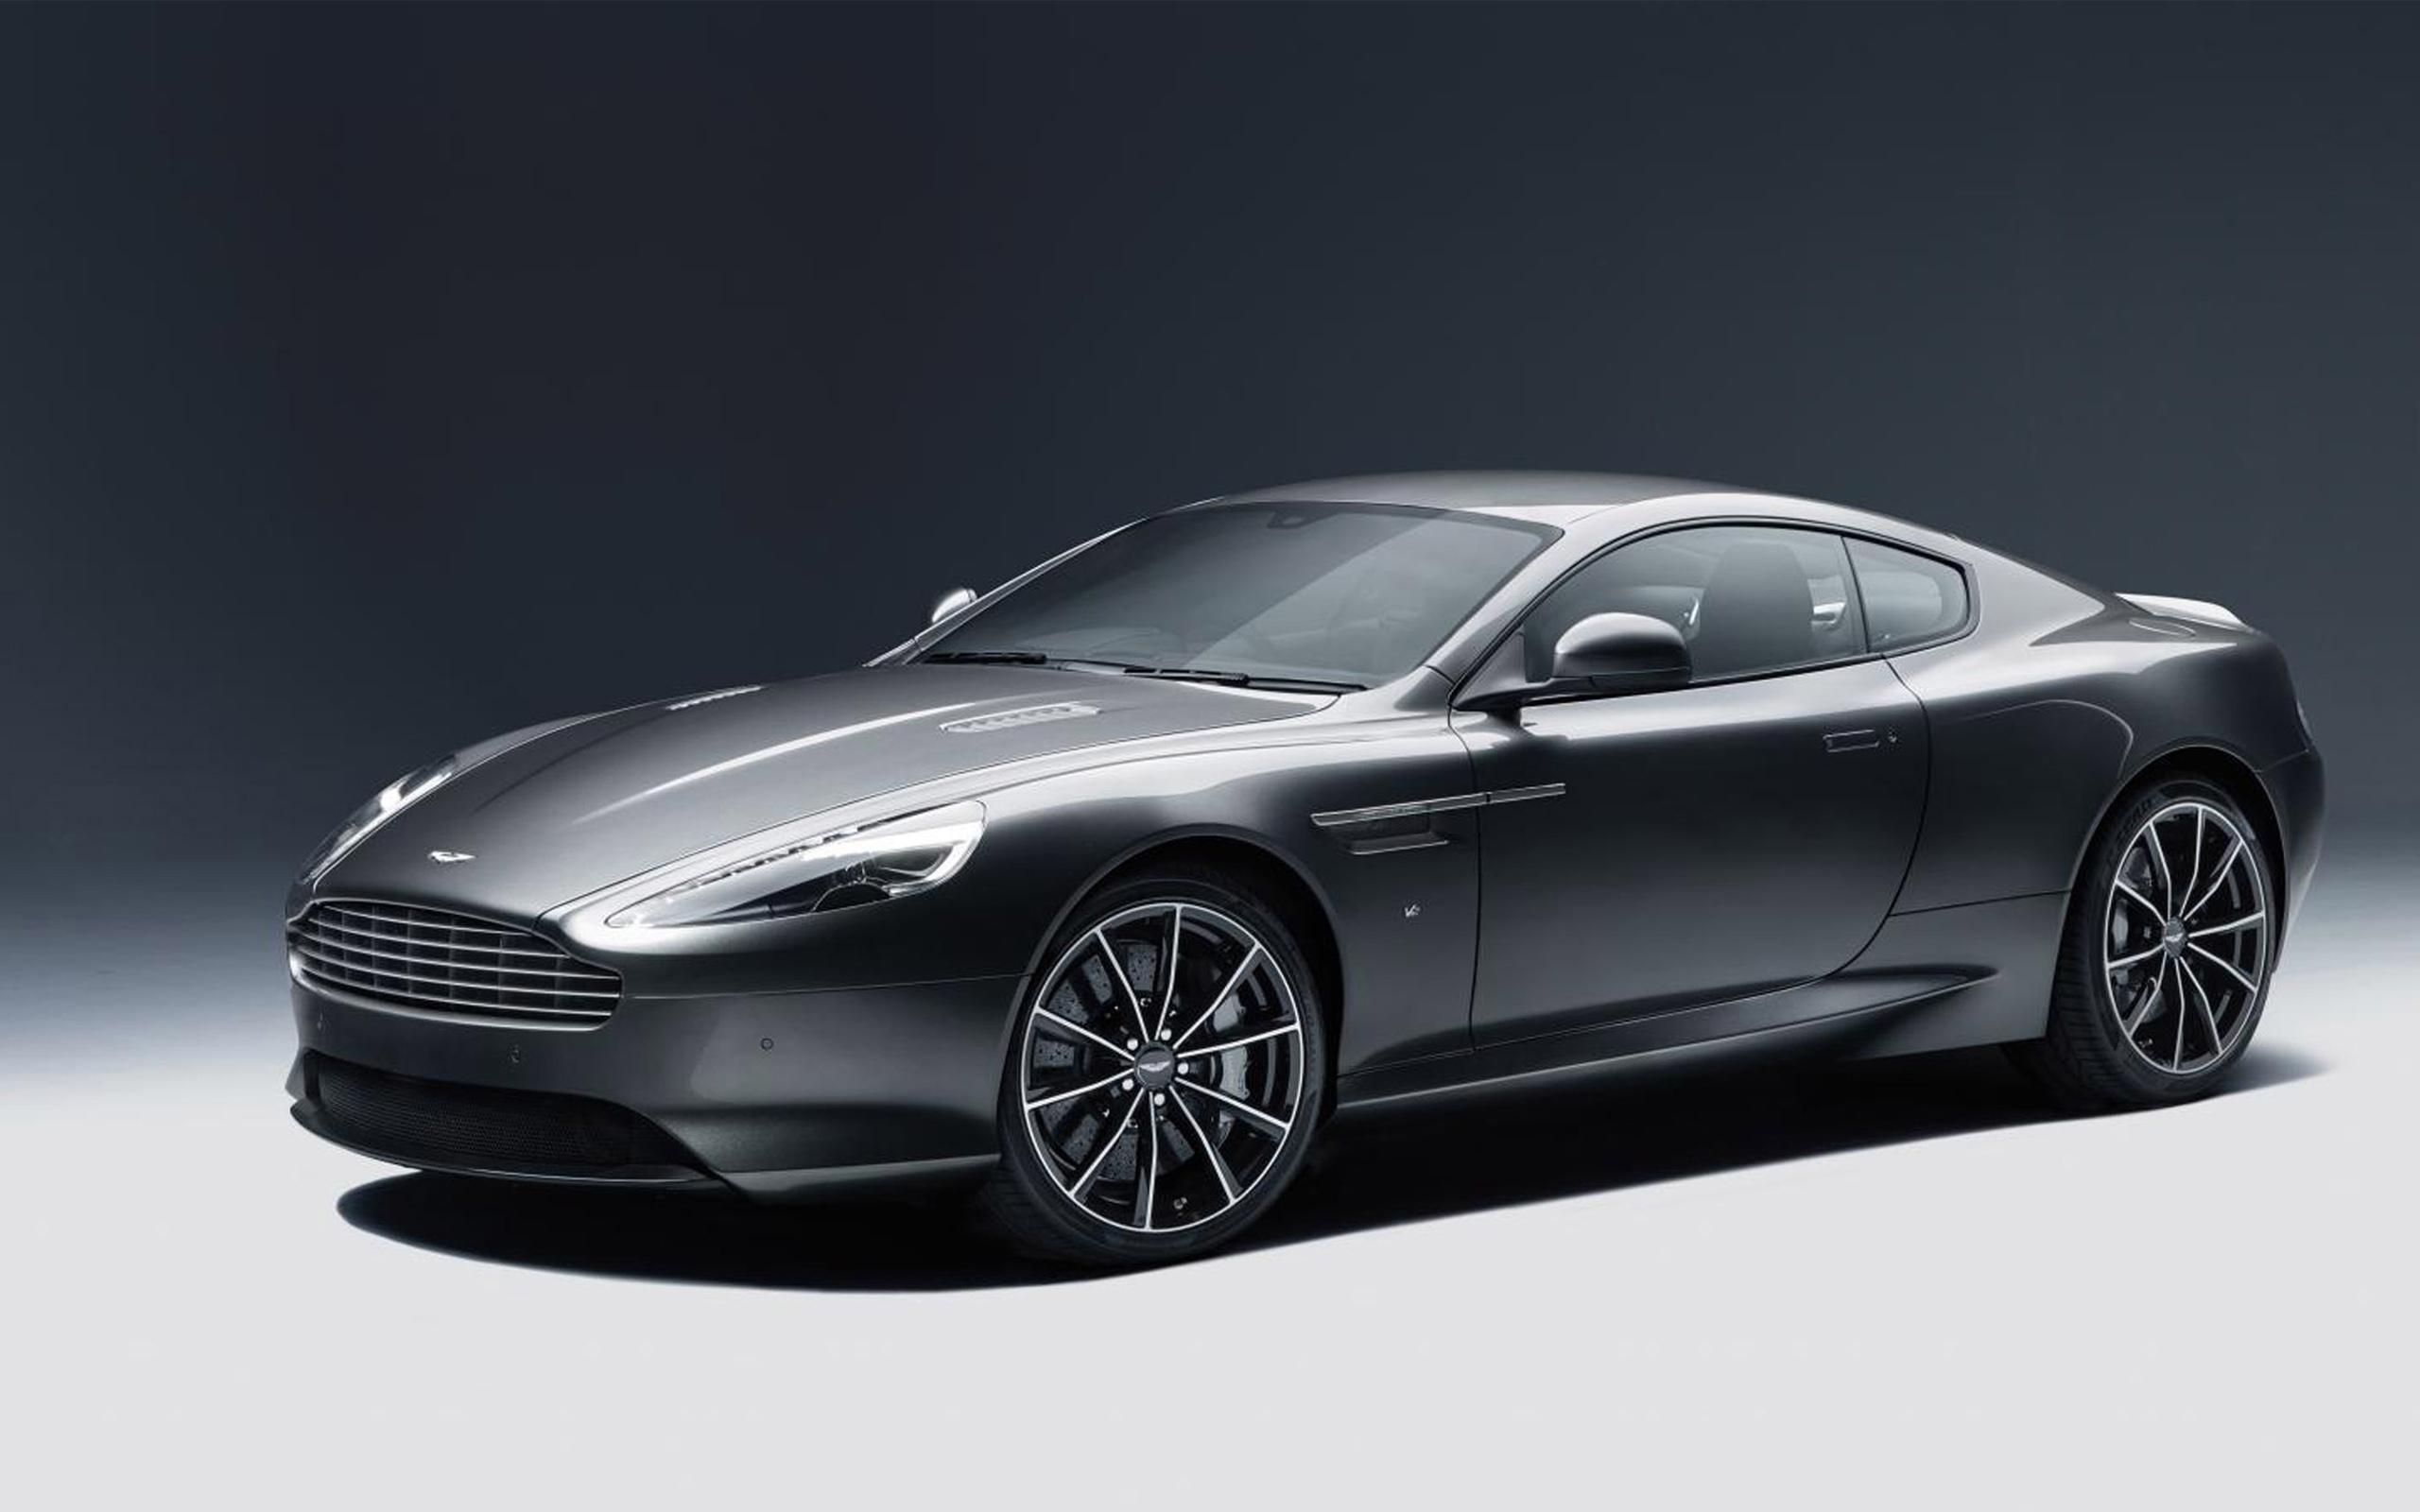 2015 Aston Martin Db9 Gt Wallpaper Hd Car Wallpapers Id 5416